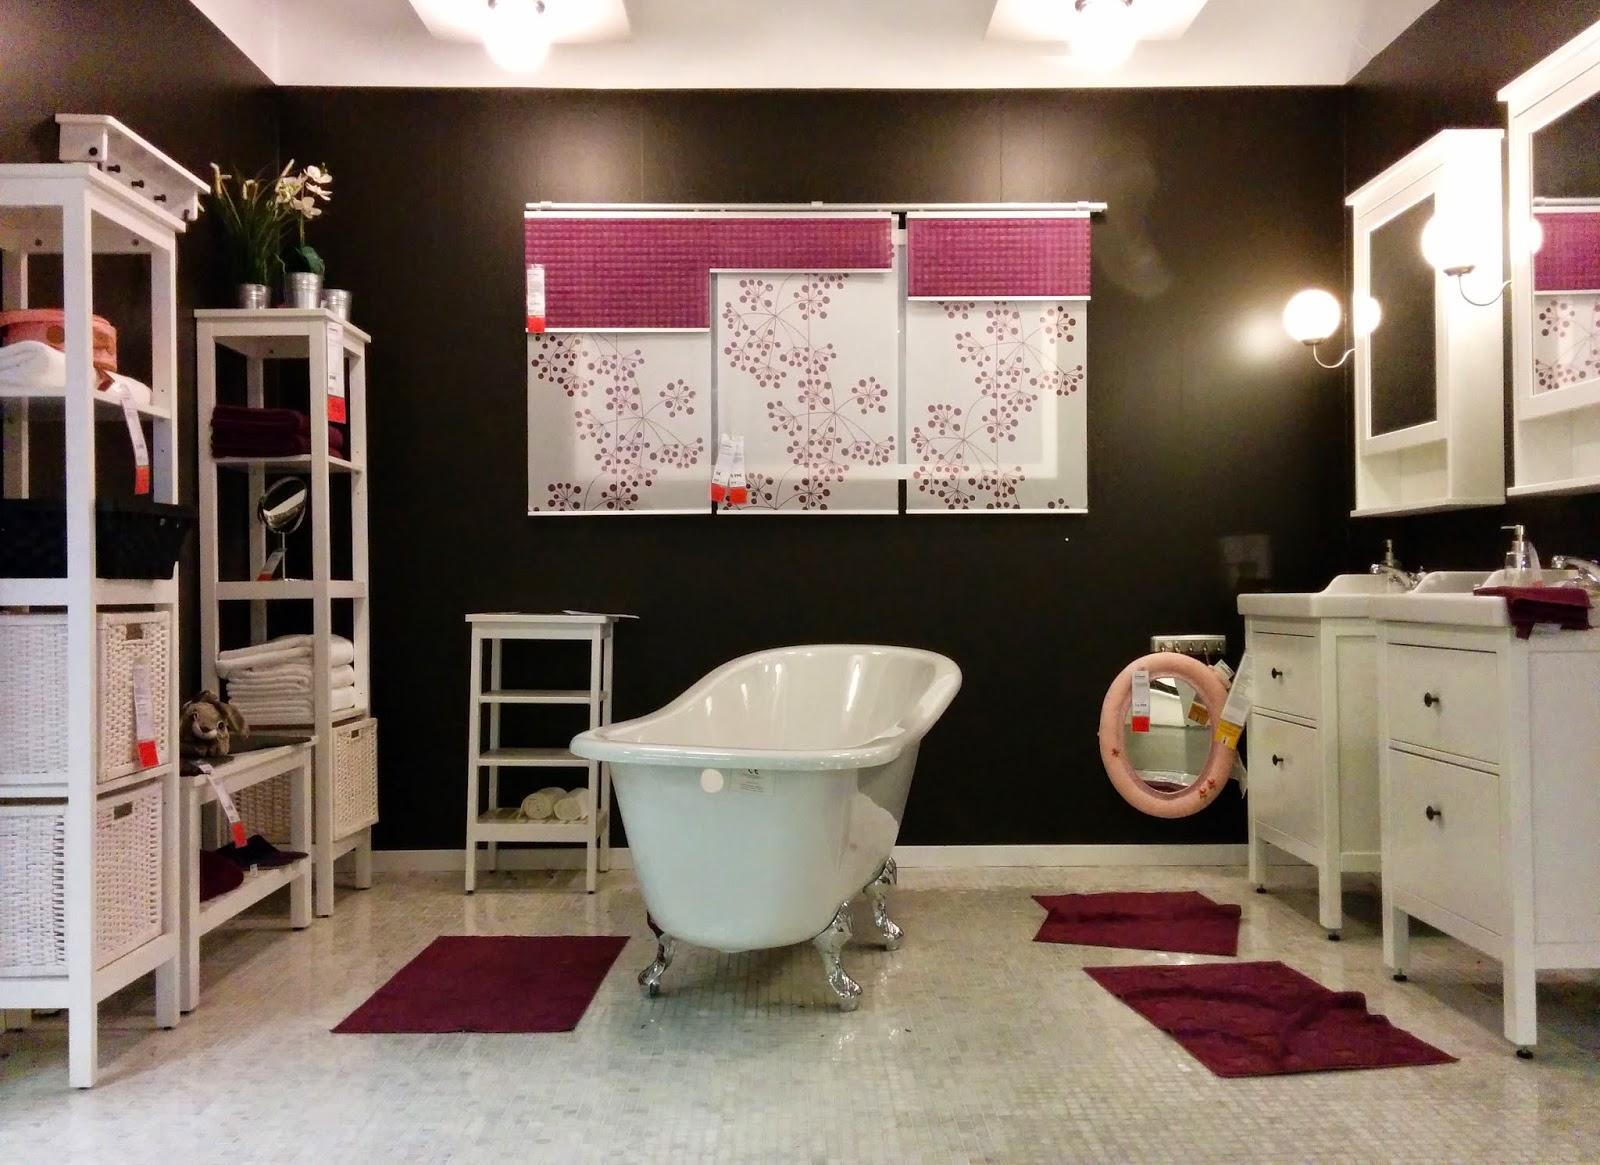 R novation salle de bain prix - Prix renovation salle de bain au m2 ...